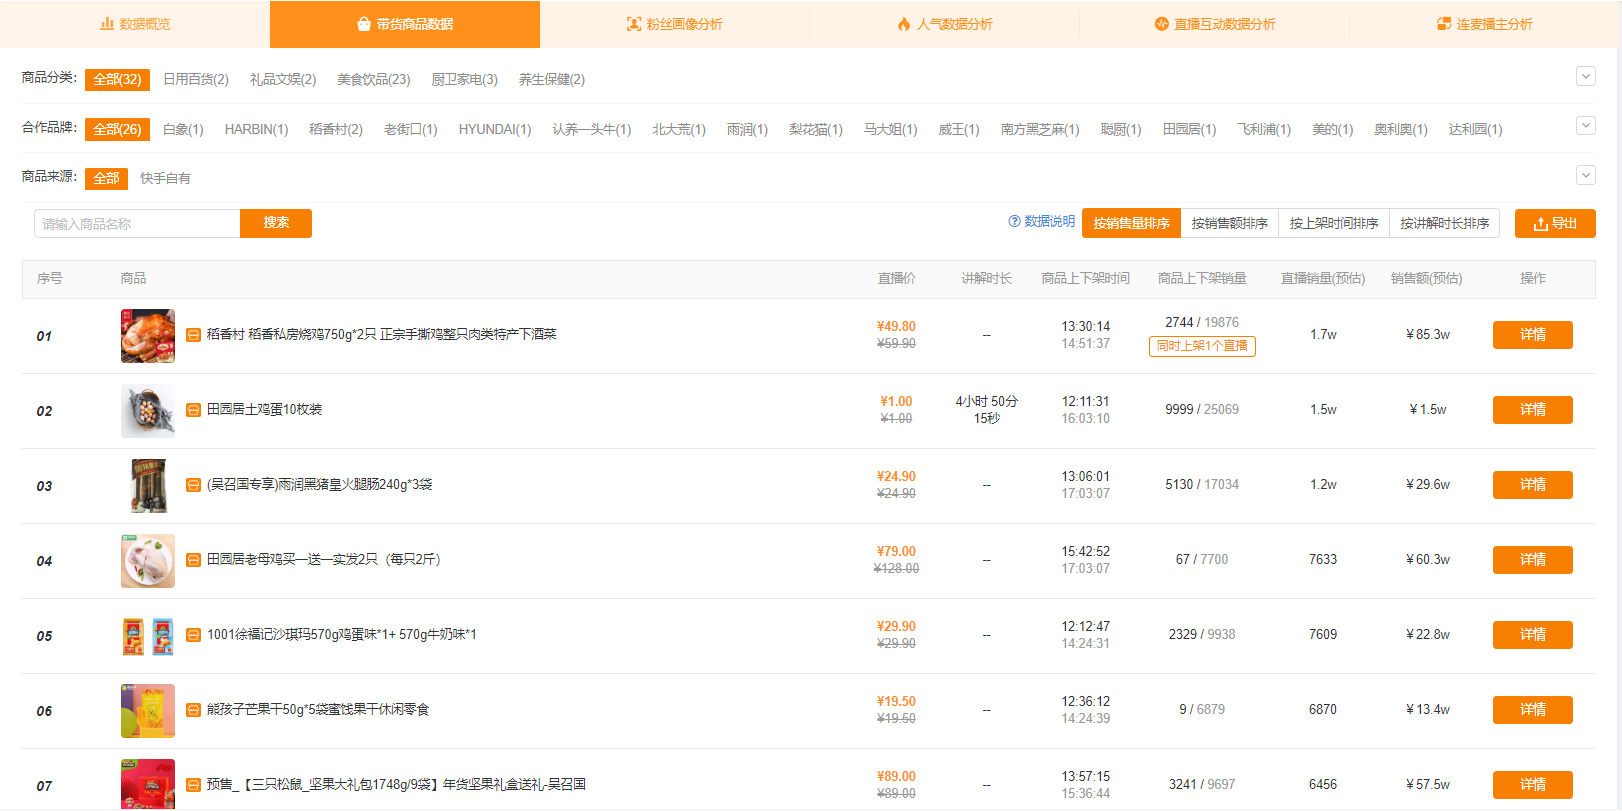 飞瓜快手-带货商品数据-商品列表